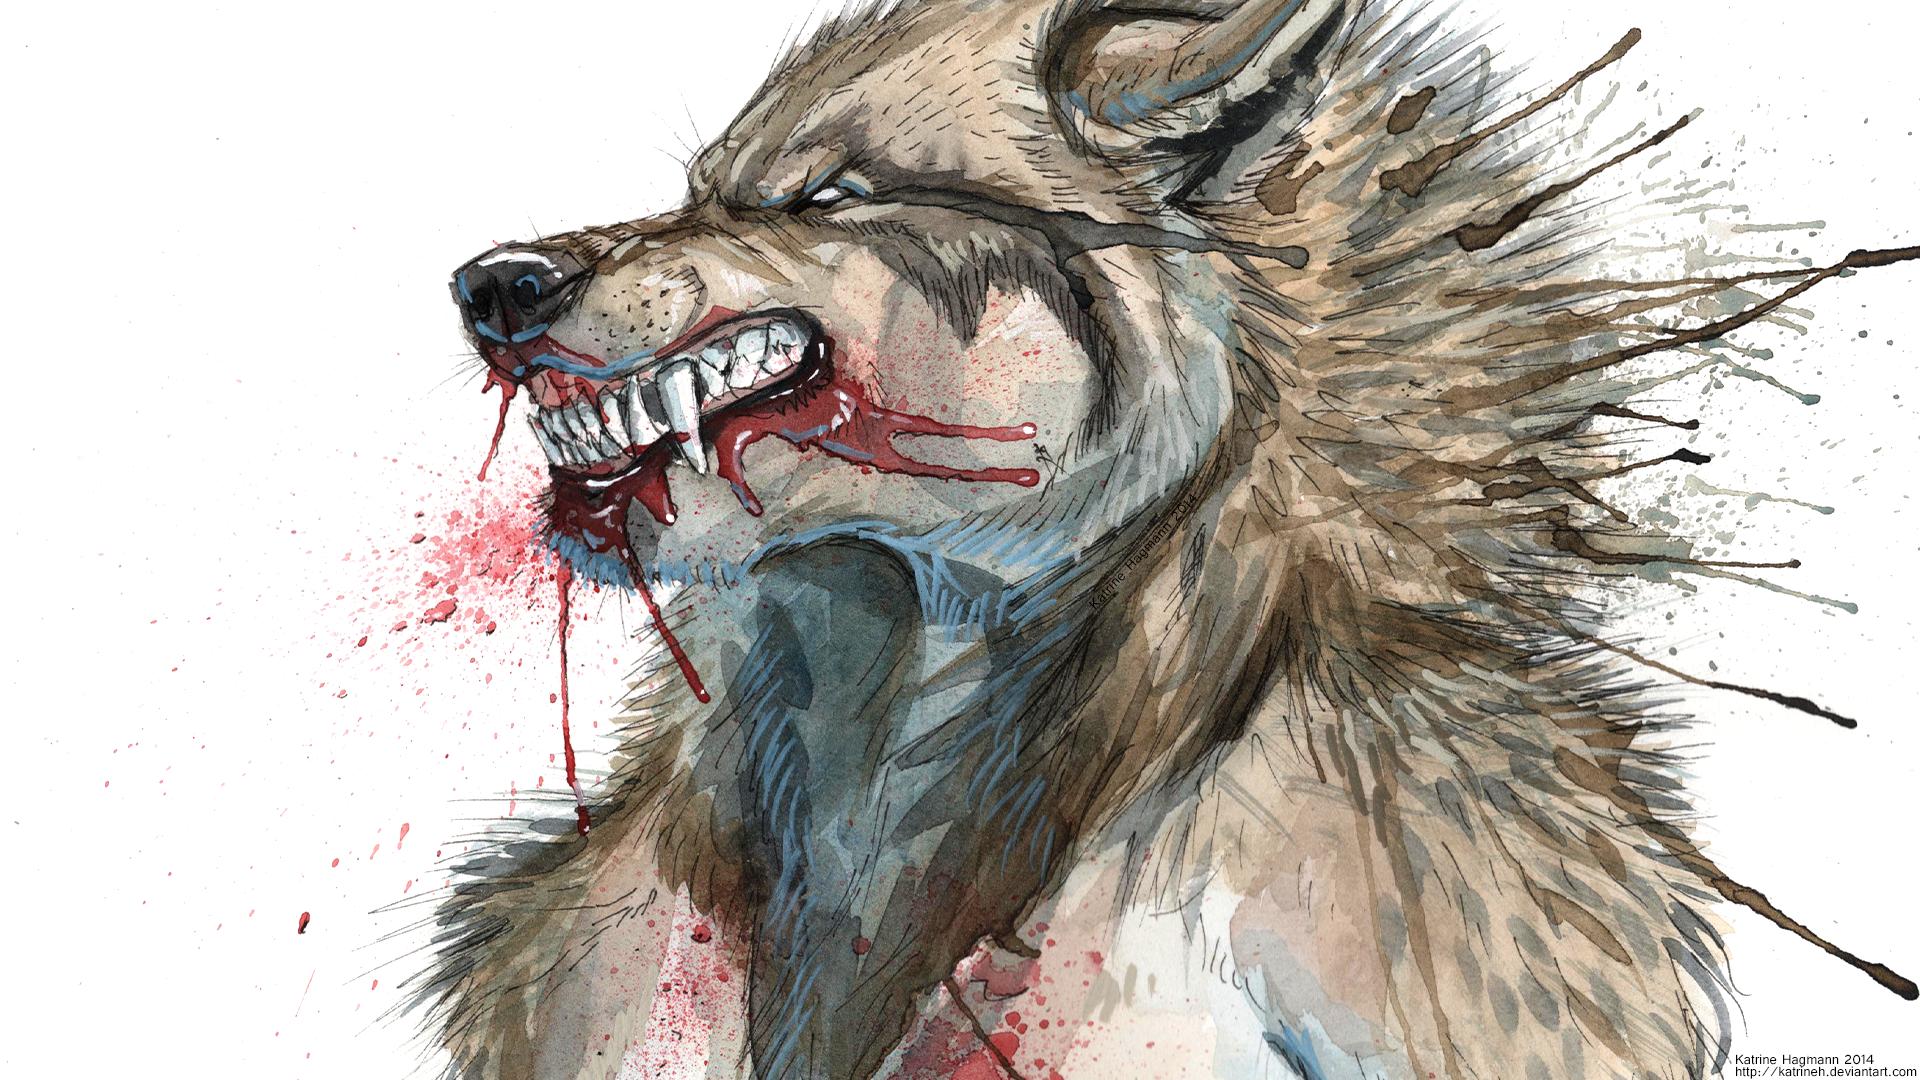 Drawn werewolf rage On KatrineH rage HD wet